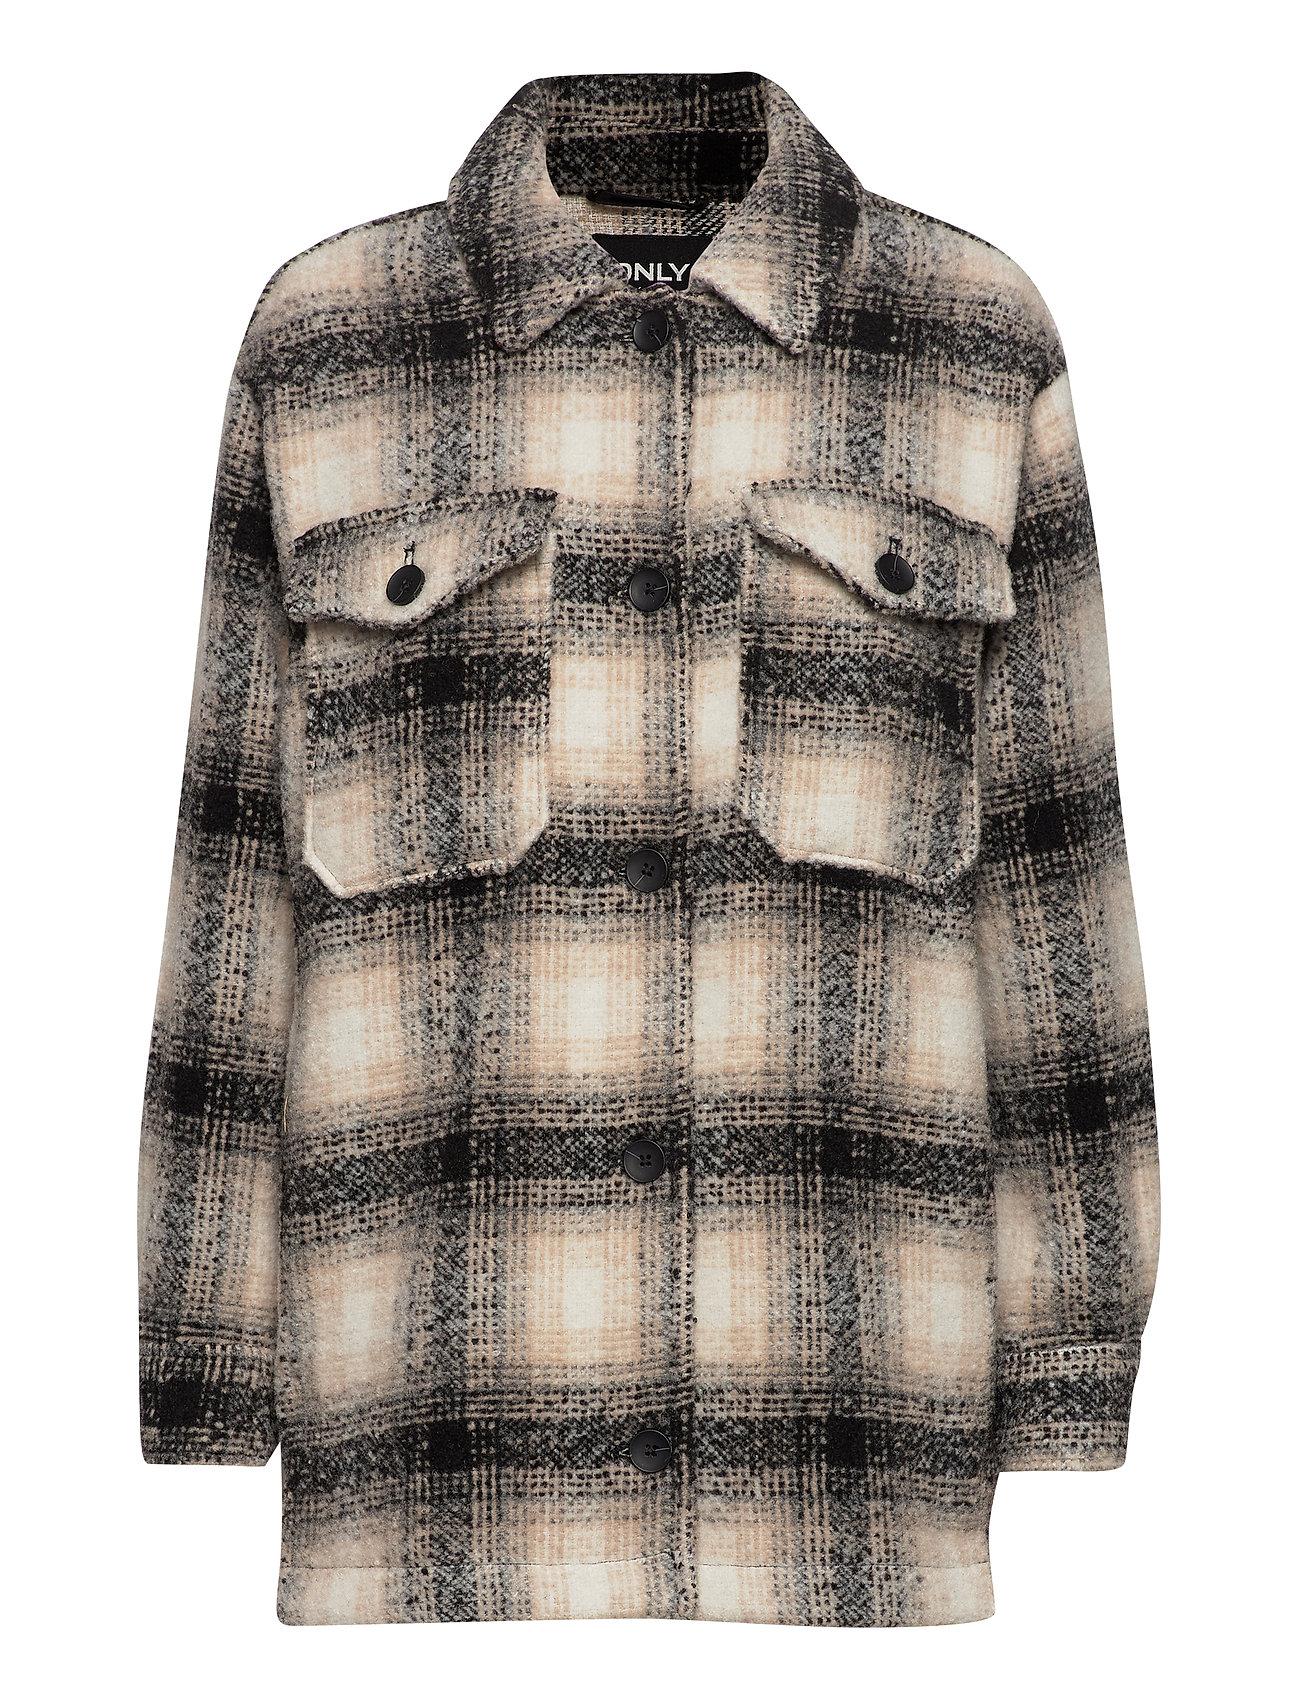 Onlallison Check Wool Shacket Cc Otw Uldjakke Jakke Grå ONLY